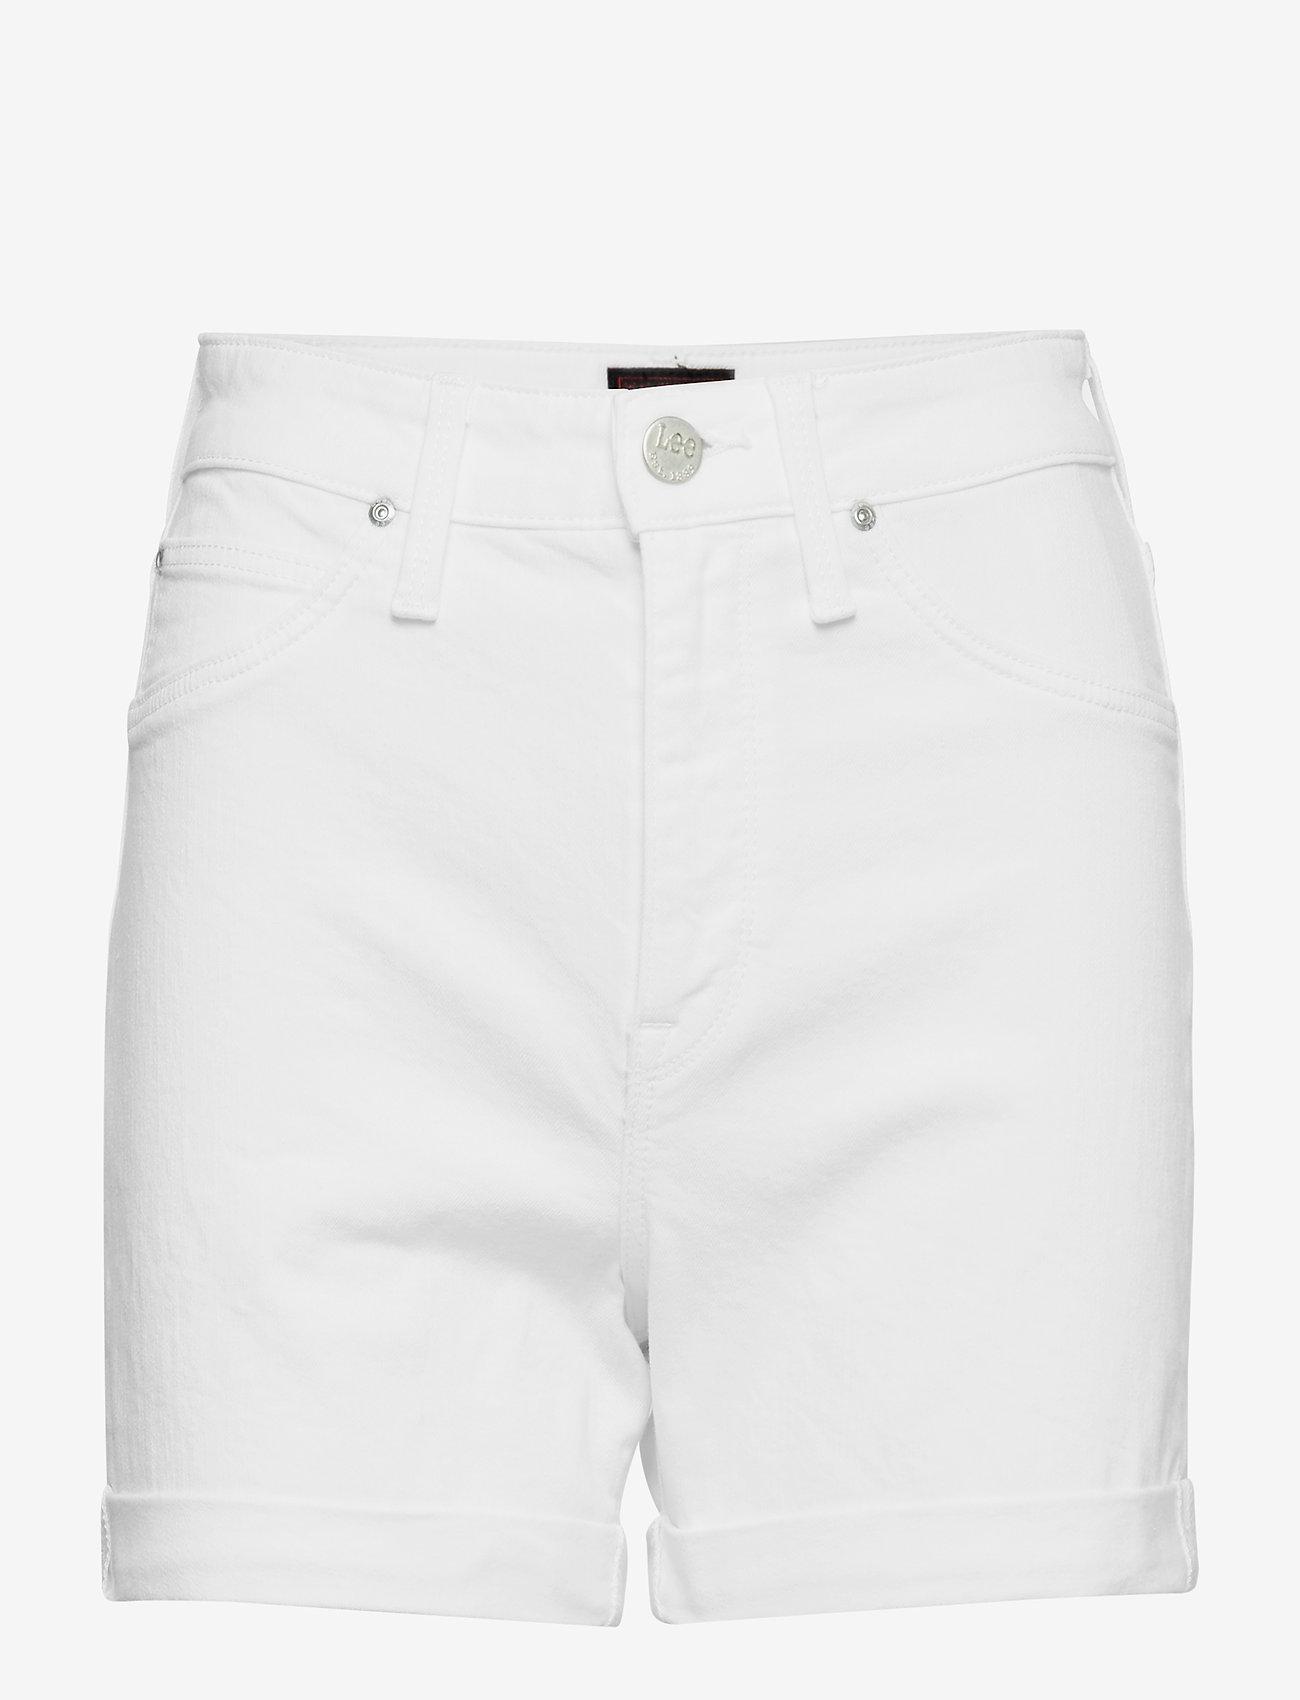 Lee Jeans - MOM SHORT - denimshorts - off white - 0